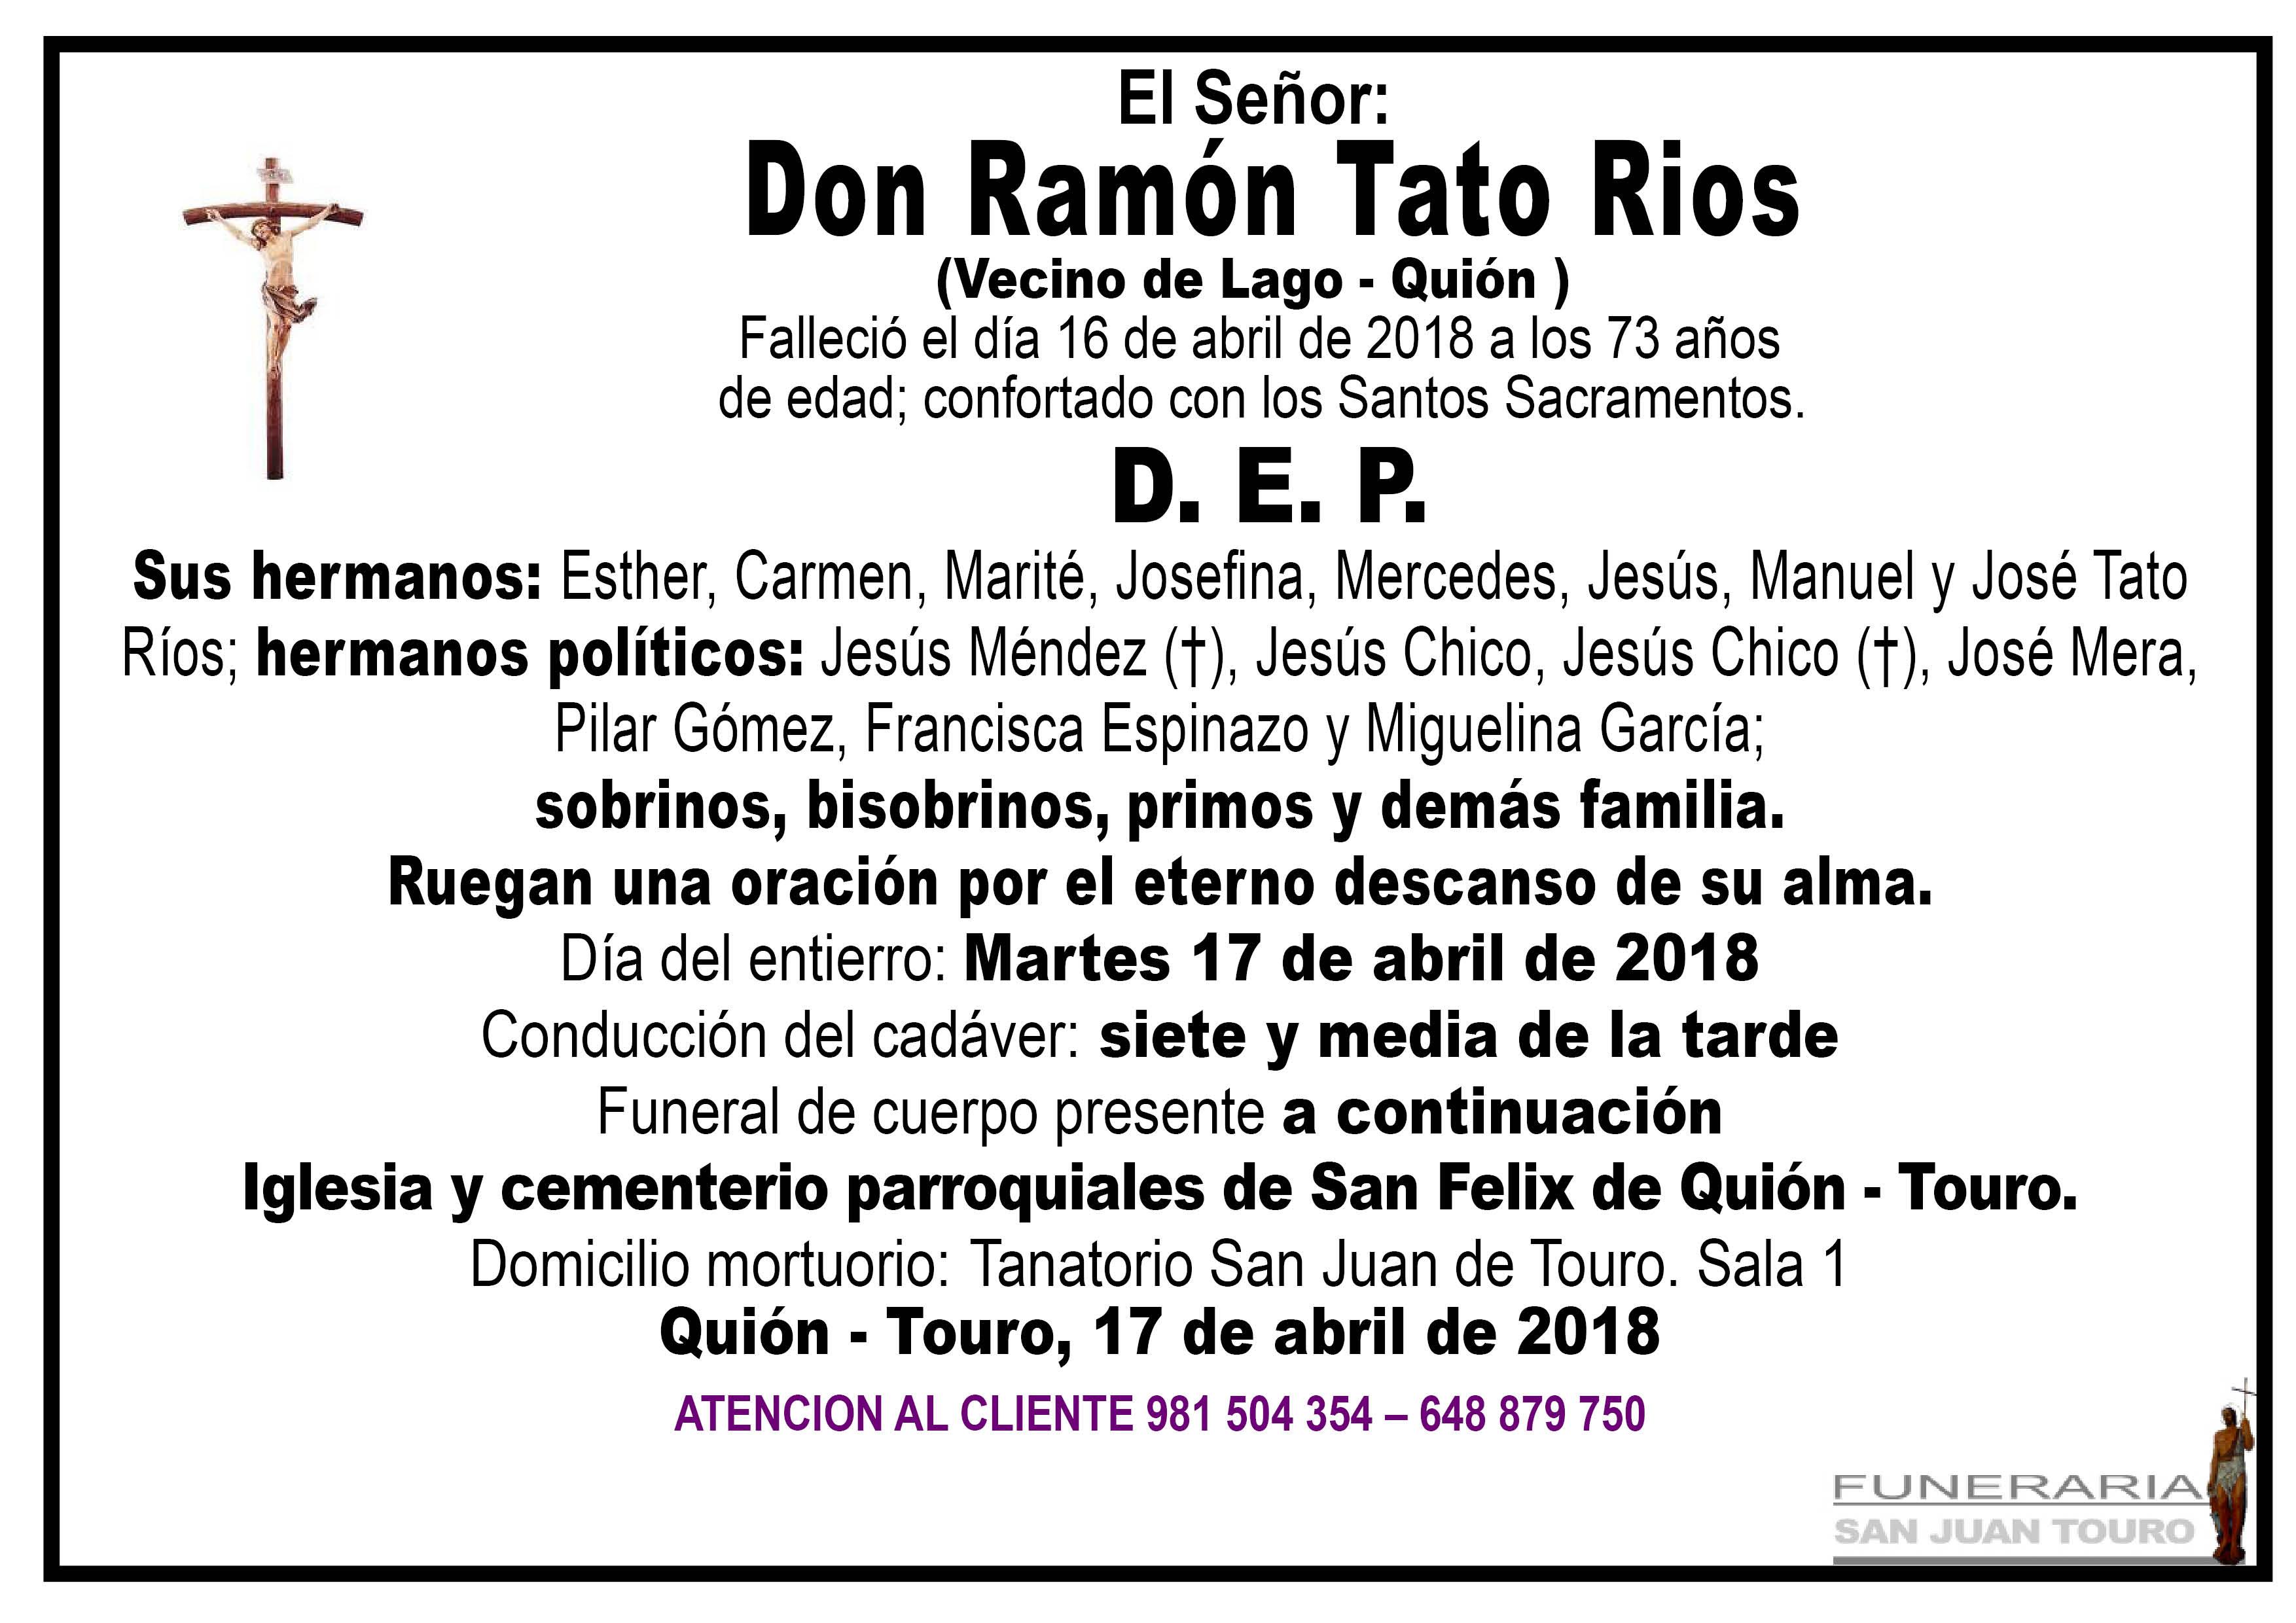 Esquela de SEPELIO DE DON RAMÓN TATO RÍOS